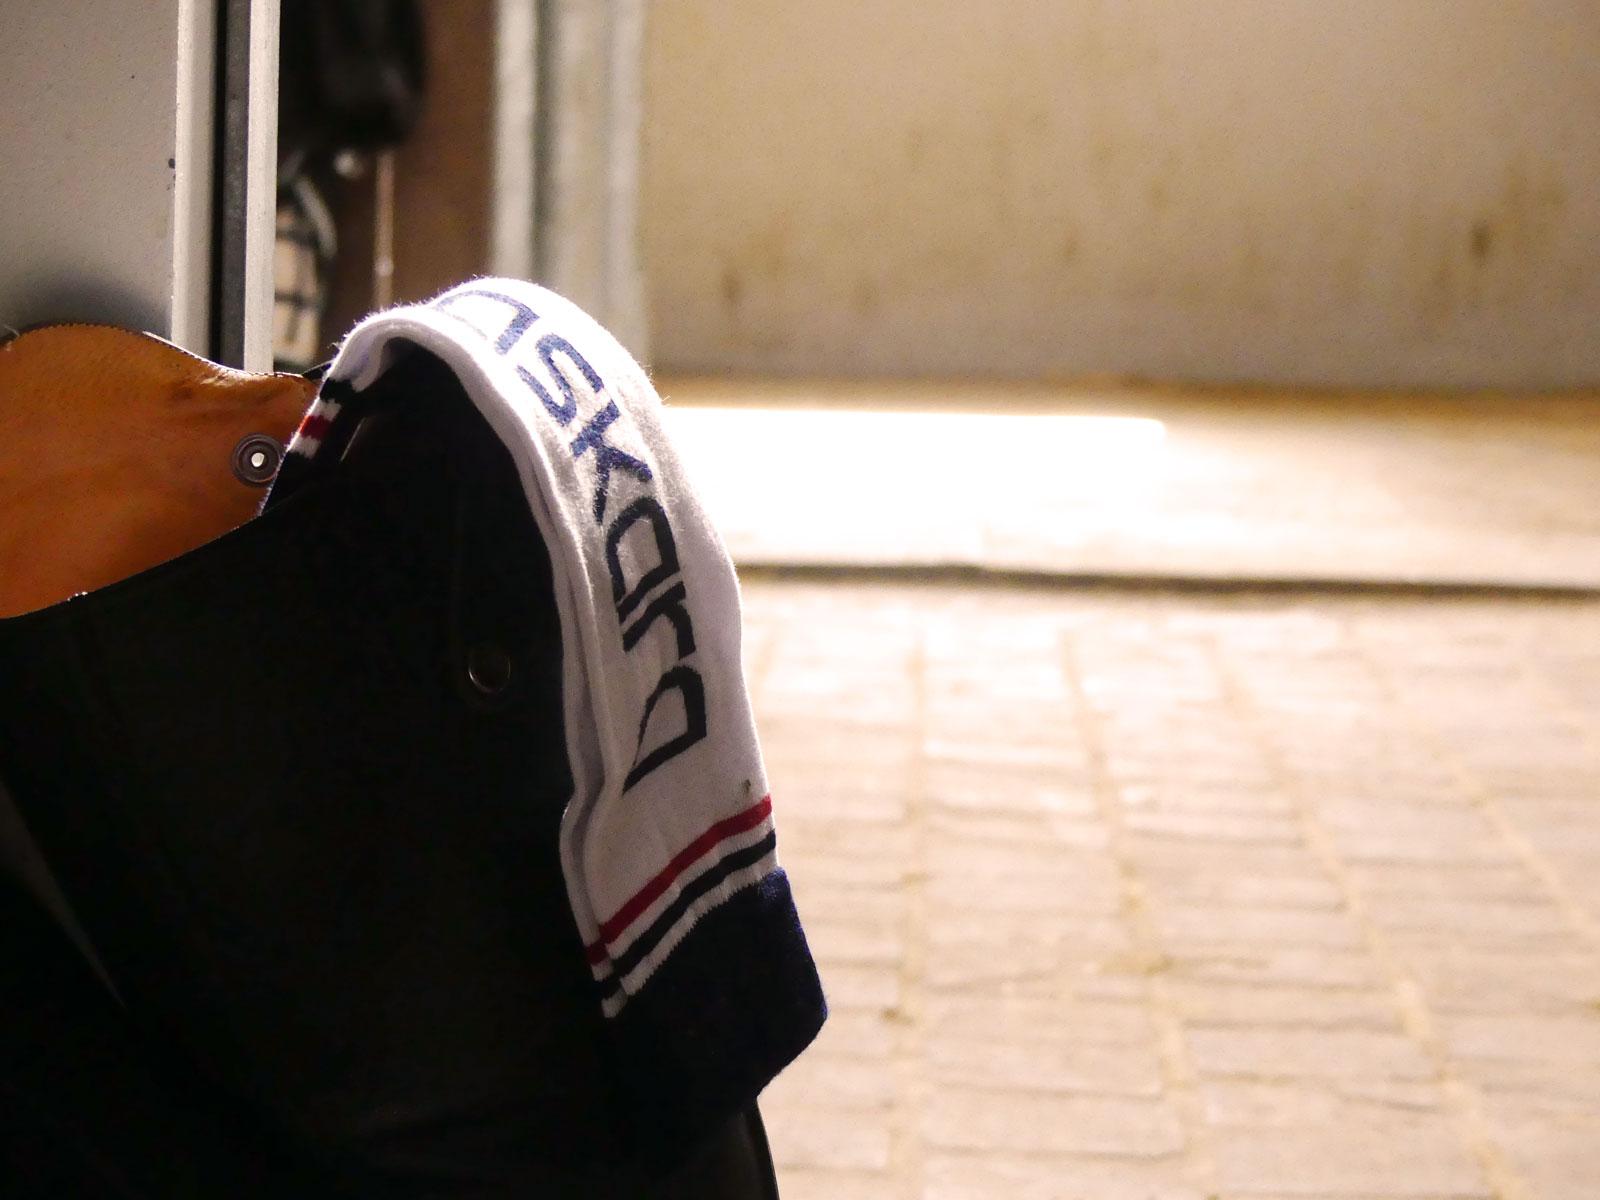 Askara équitation protection cavalier chaussettes cheval bottes